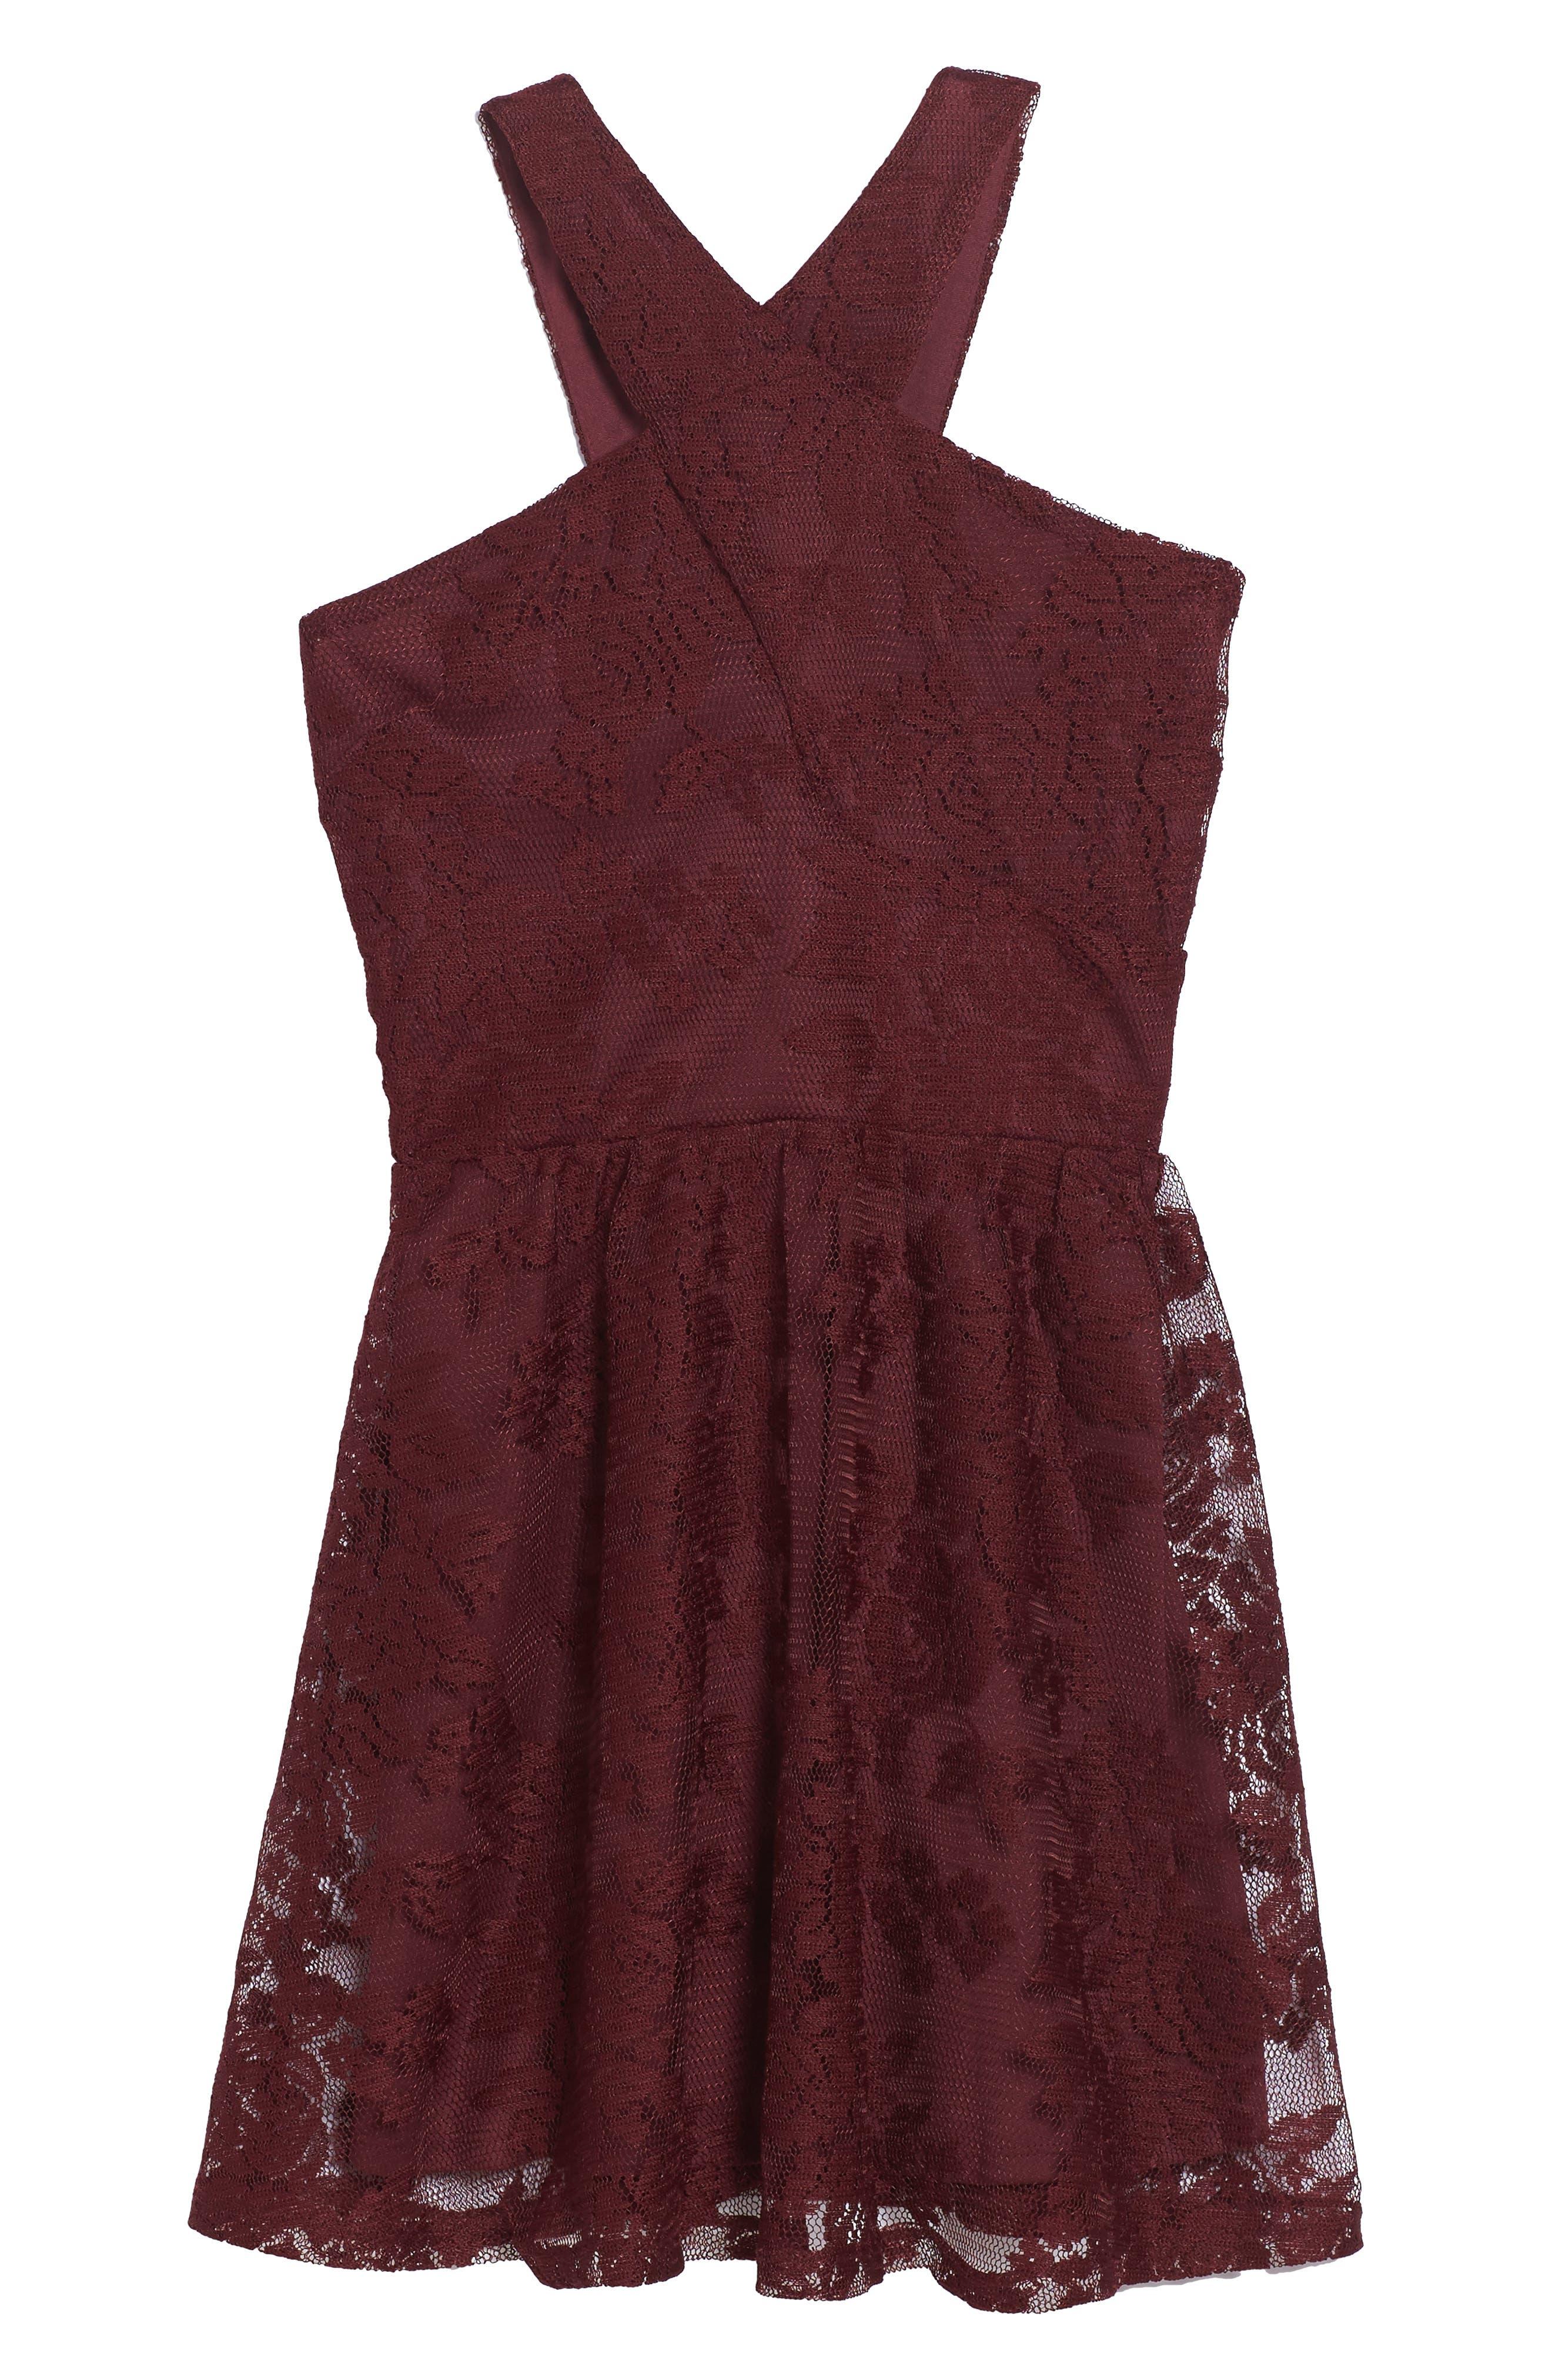 Winona Lace Dress,                             Main thumbnail 1, color,                             Burgandy